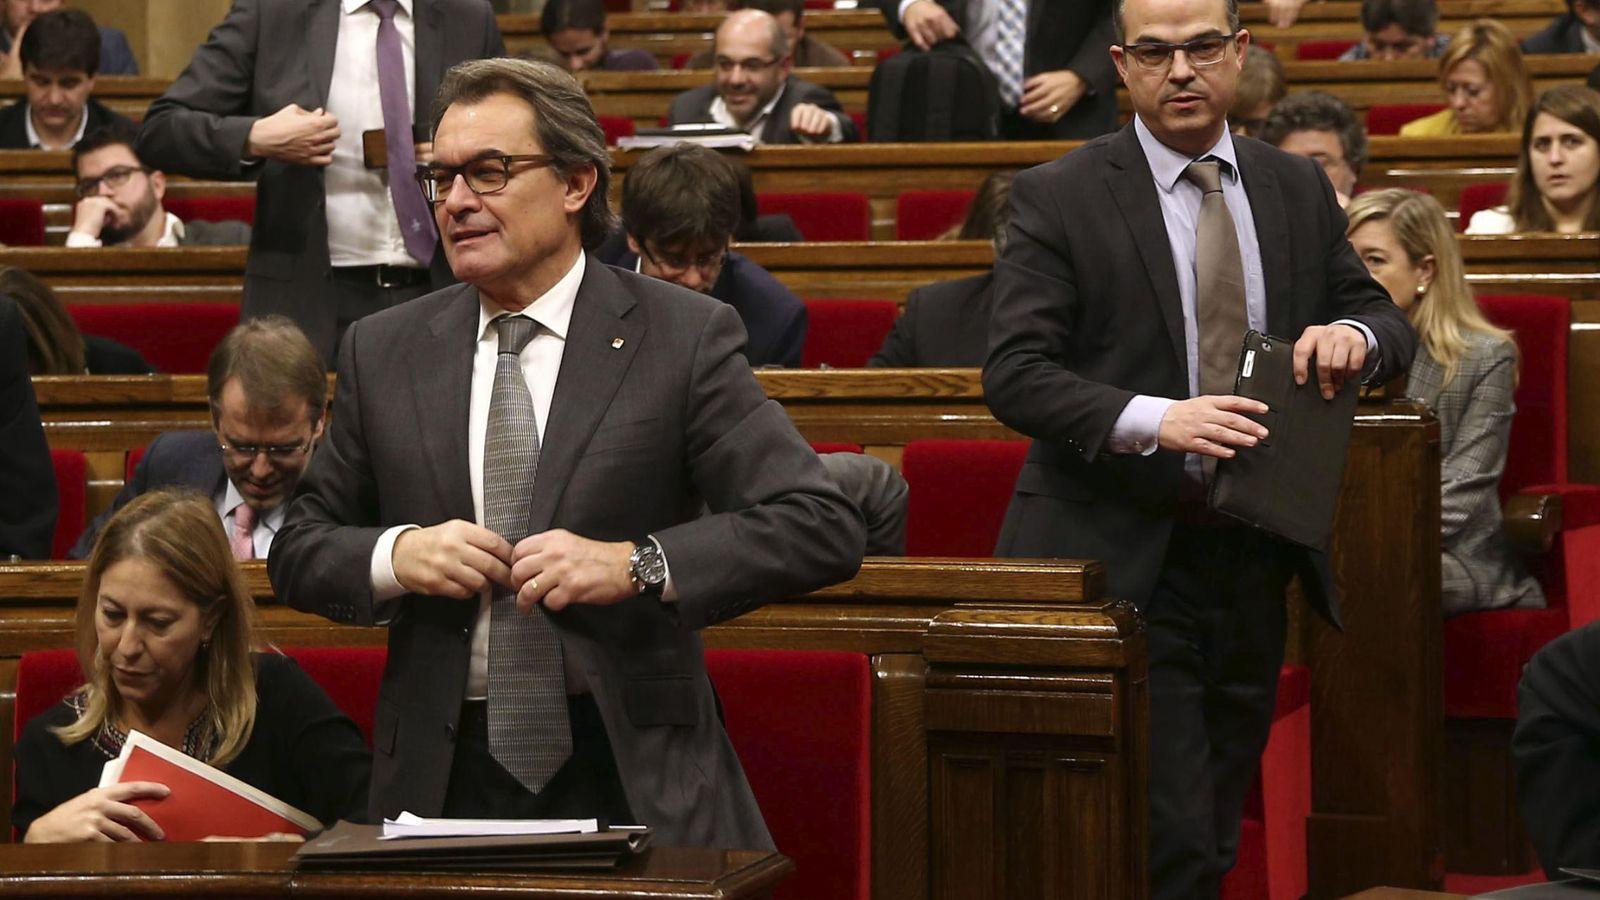 Foto: El portavoz parlamentario de Junts Pel Si, Jordi Turull junto al expresidente de la Generalitat, Artur Mas. (Efe)